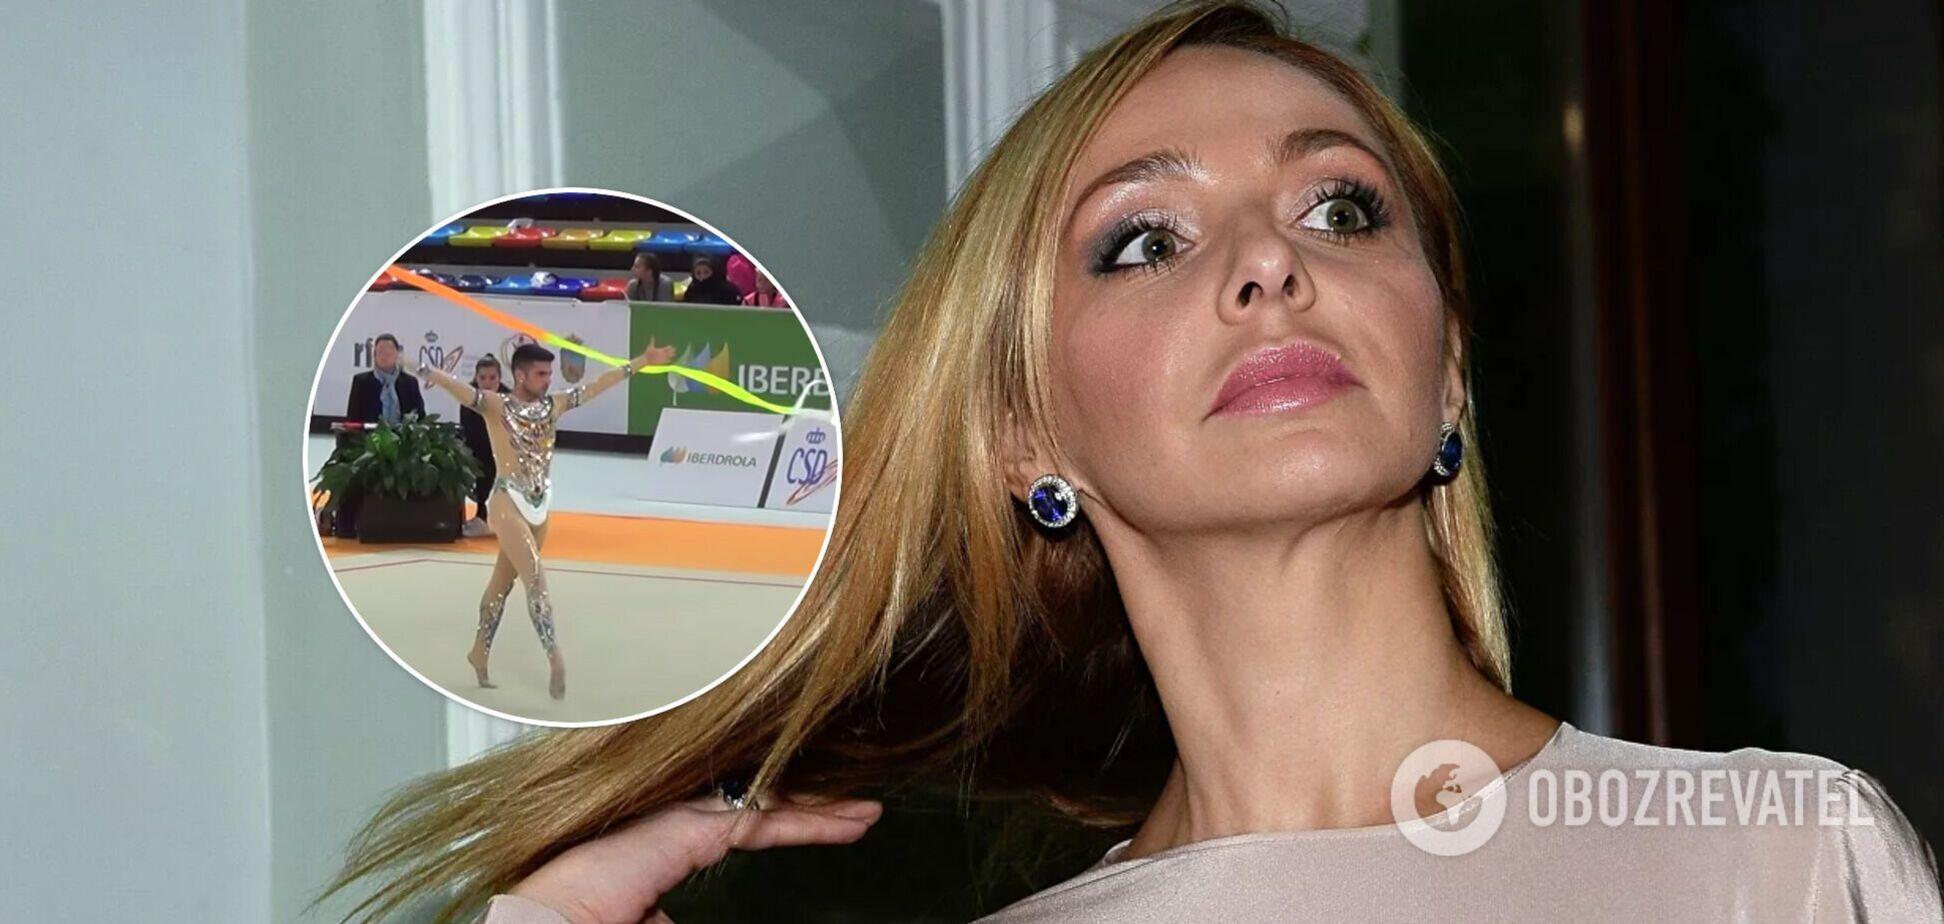 Дружина Пєскова виступила проти чоловіків у художній гімнастиці та була висміяна в мережі